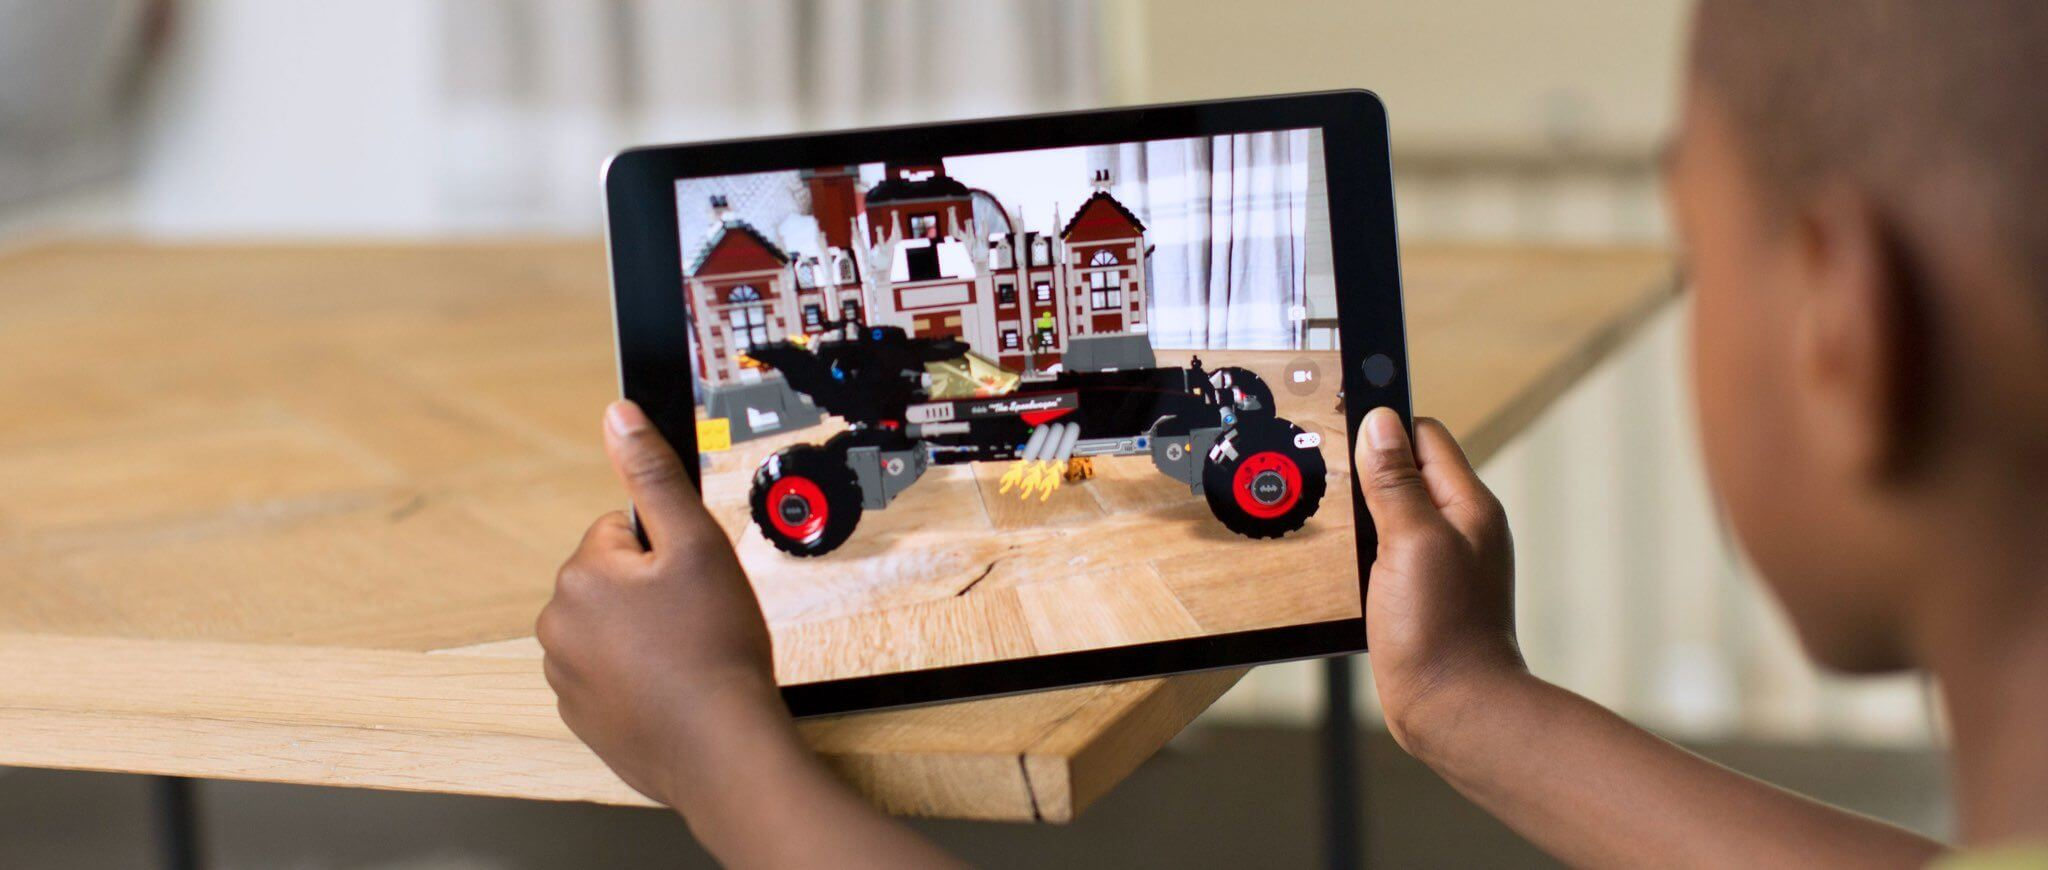 AR 0 - 10 Apps de Realidade Aumentada que você precisa ter no seu iPhone